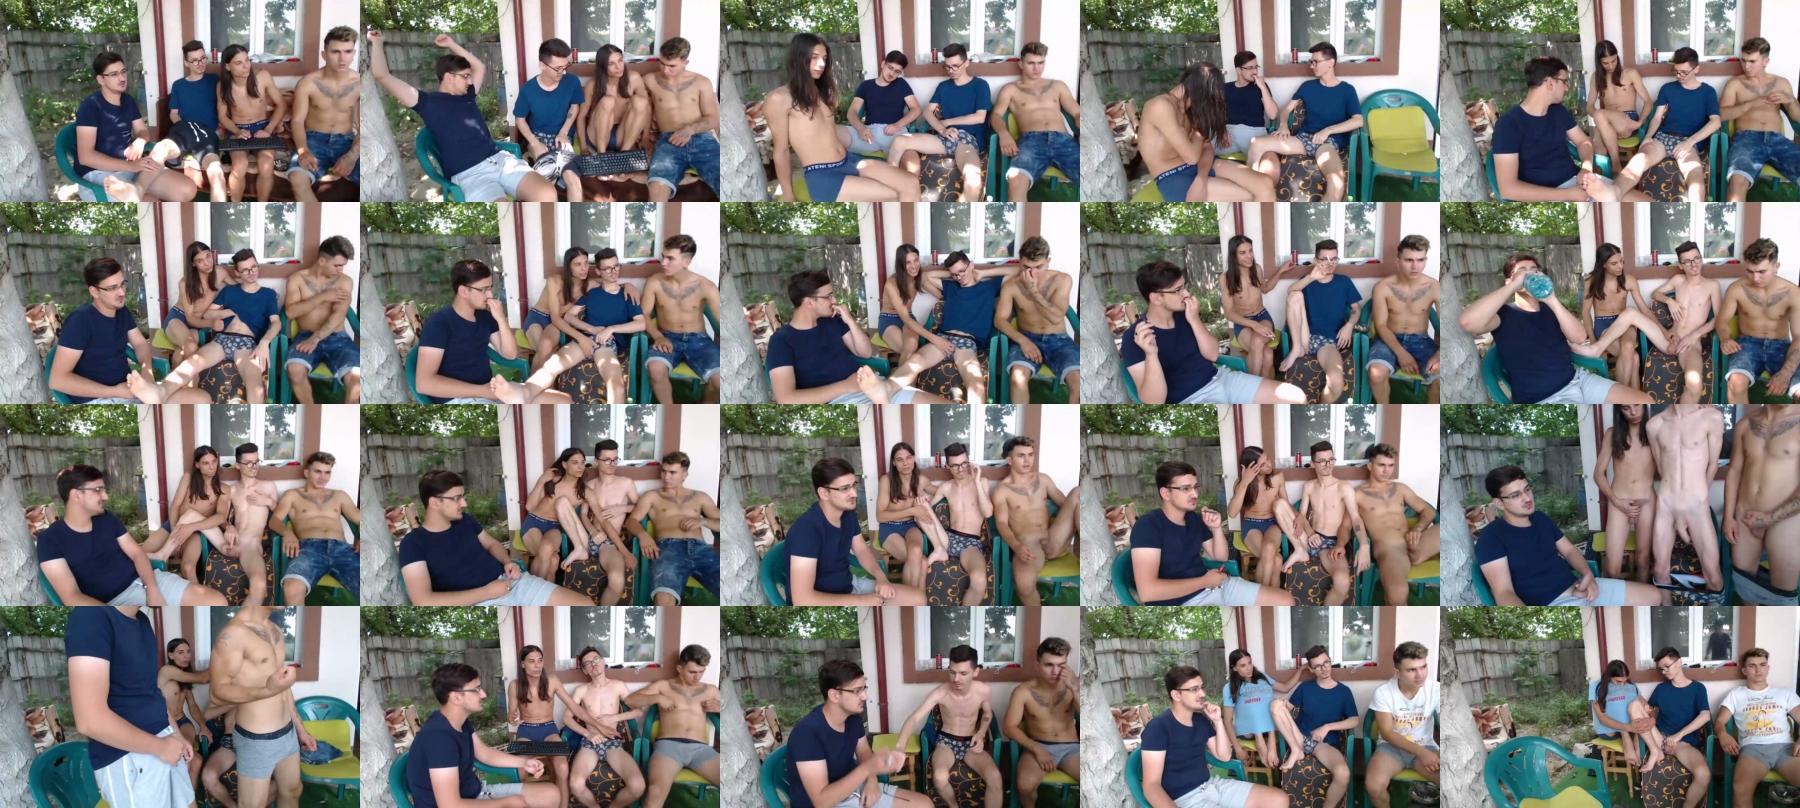 Tino_Axel Chaturbate 20-07-2021 Male Porn